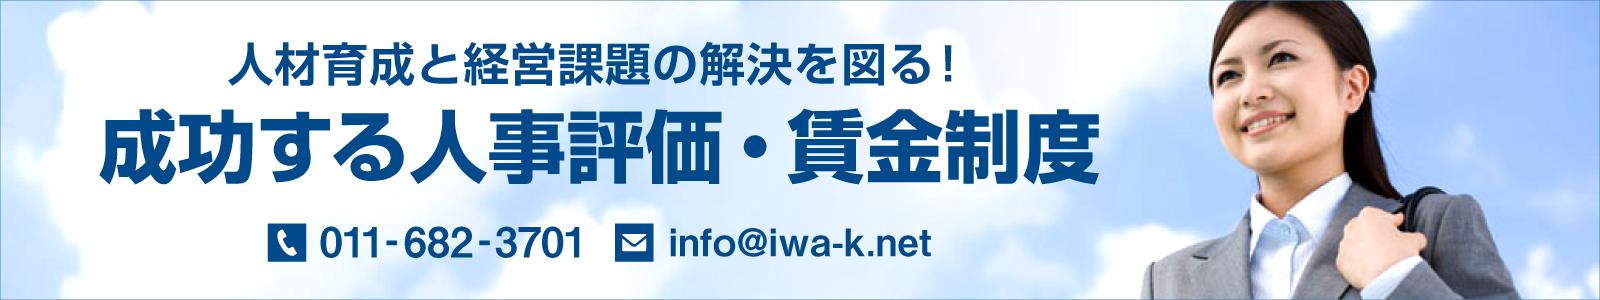 成功する人事評価制度/人事教育実践会・北海道 札幌の人事コンサル